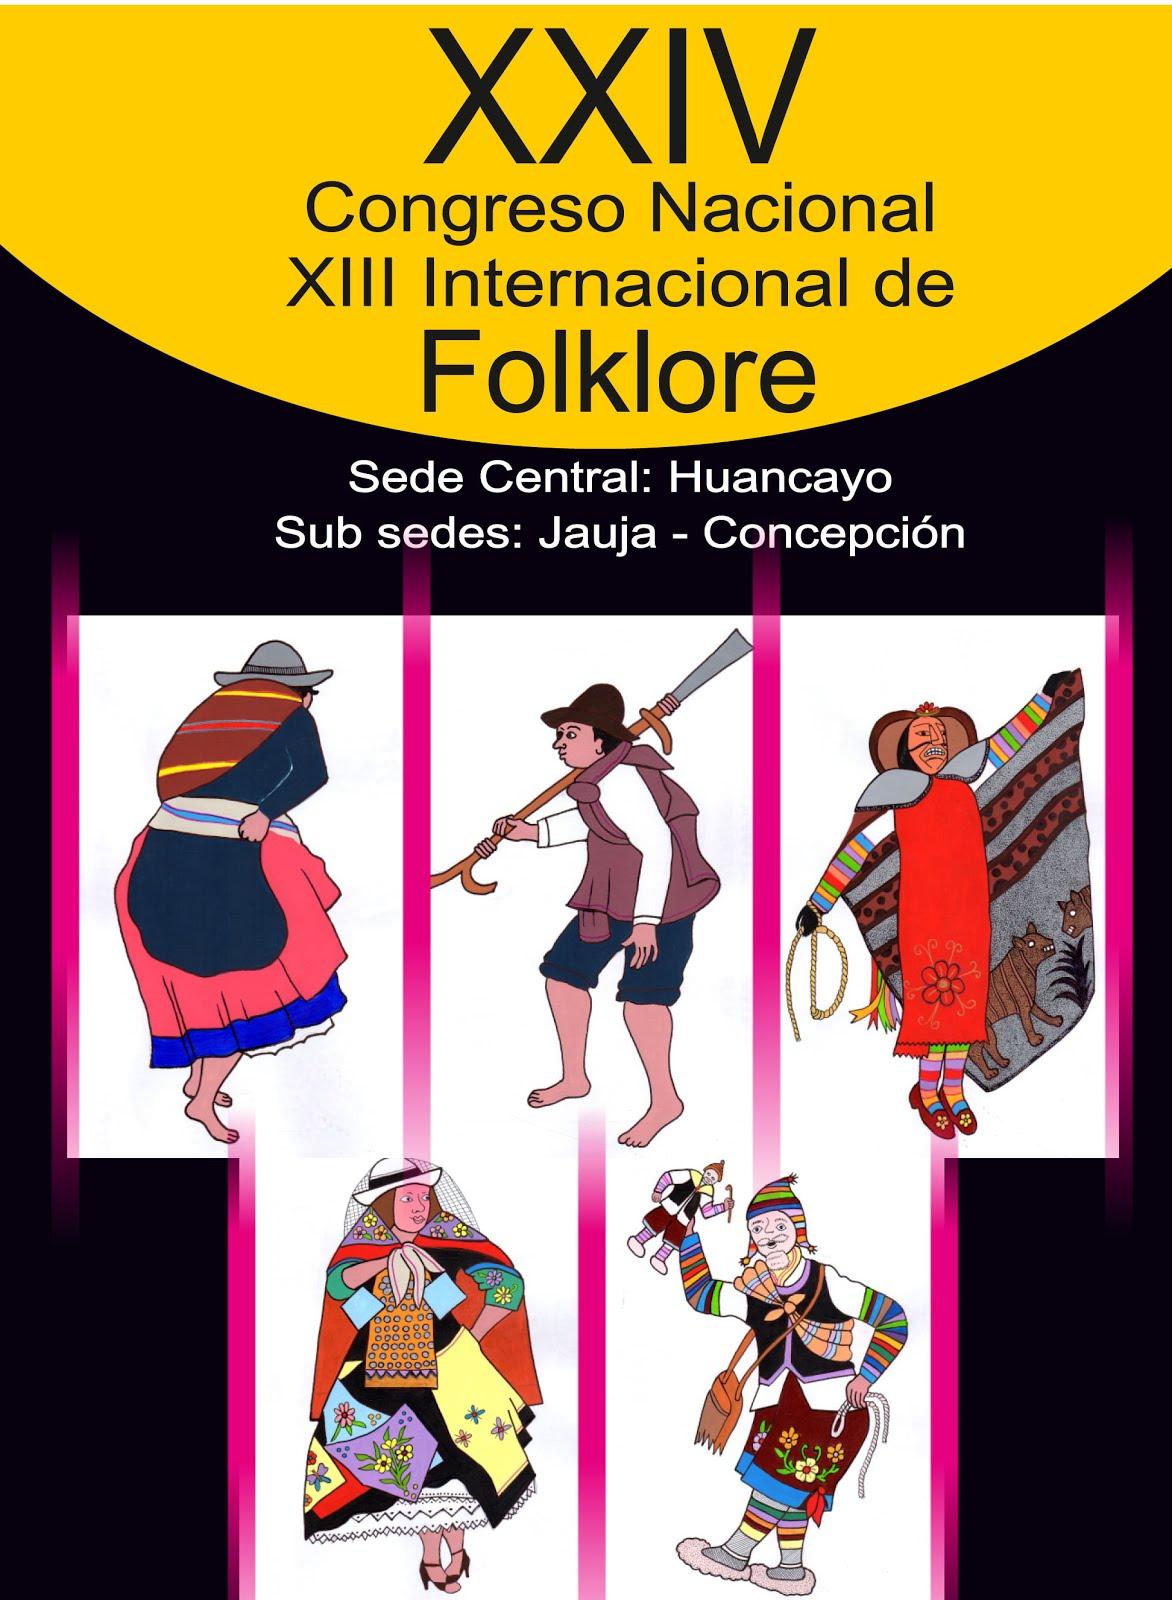 Congreso Nacional e Internacional de Folklore. En Huancayo, Jauja y Concepción - Región Junín